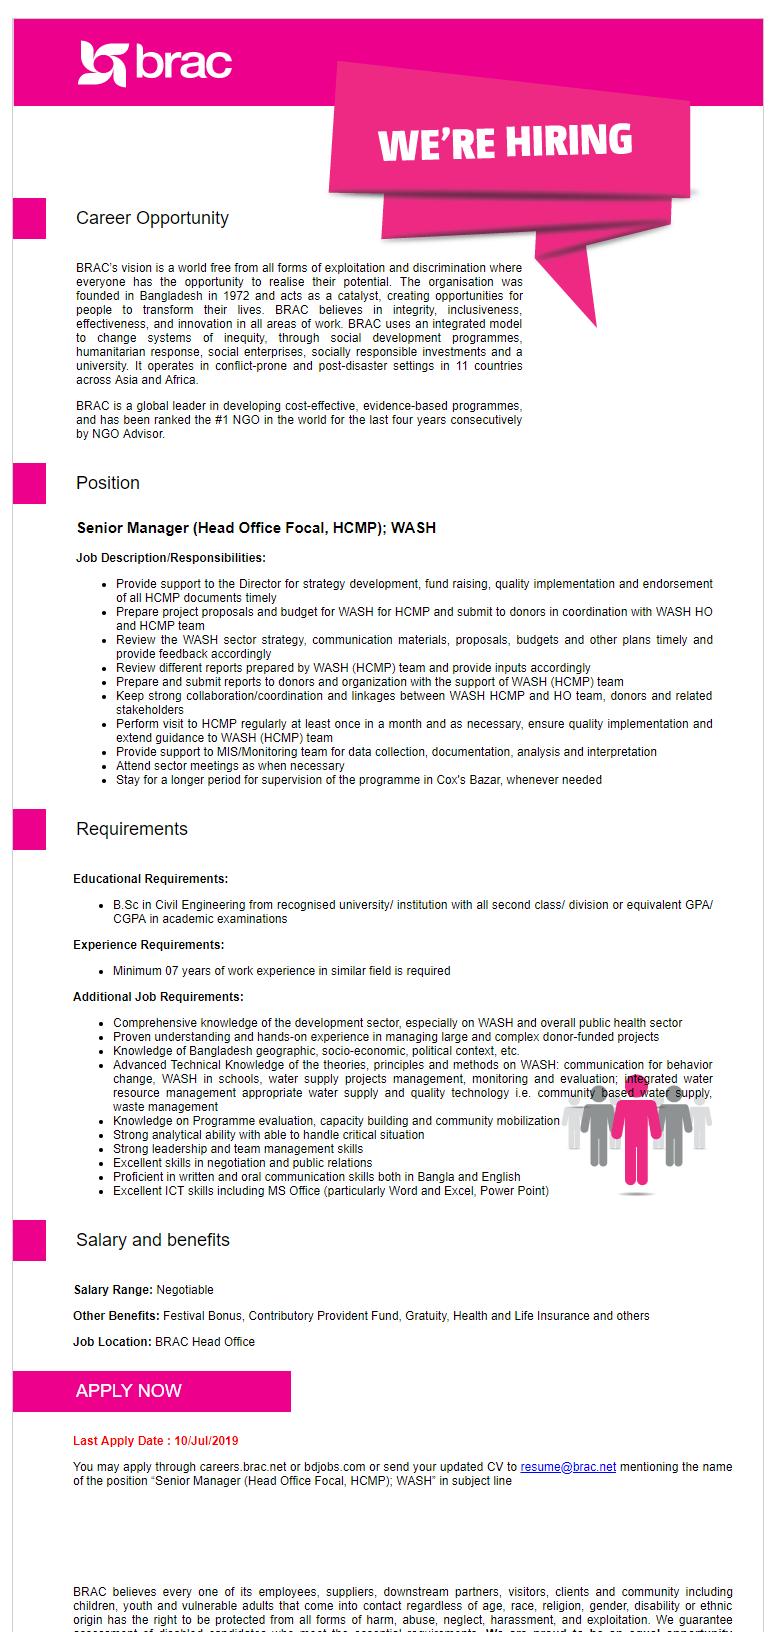 BRAC NGO Jobs Circular 2019 | BD Jobs Careers